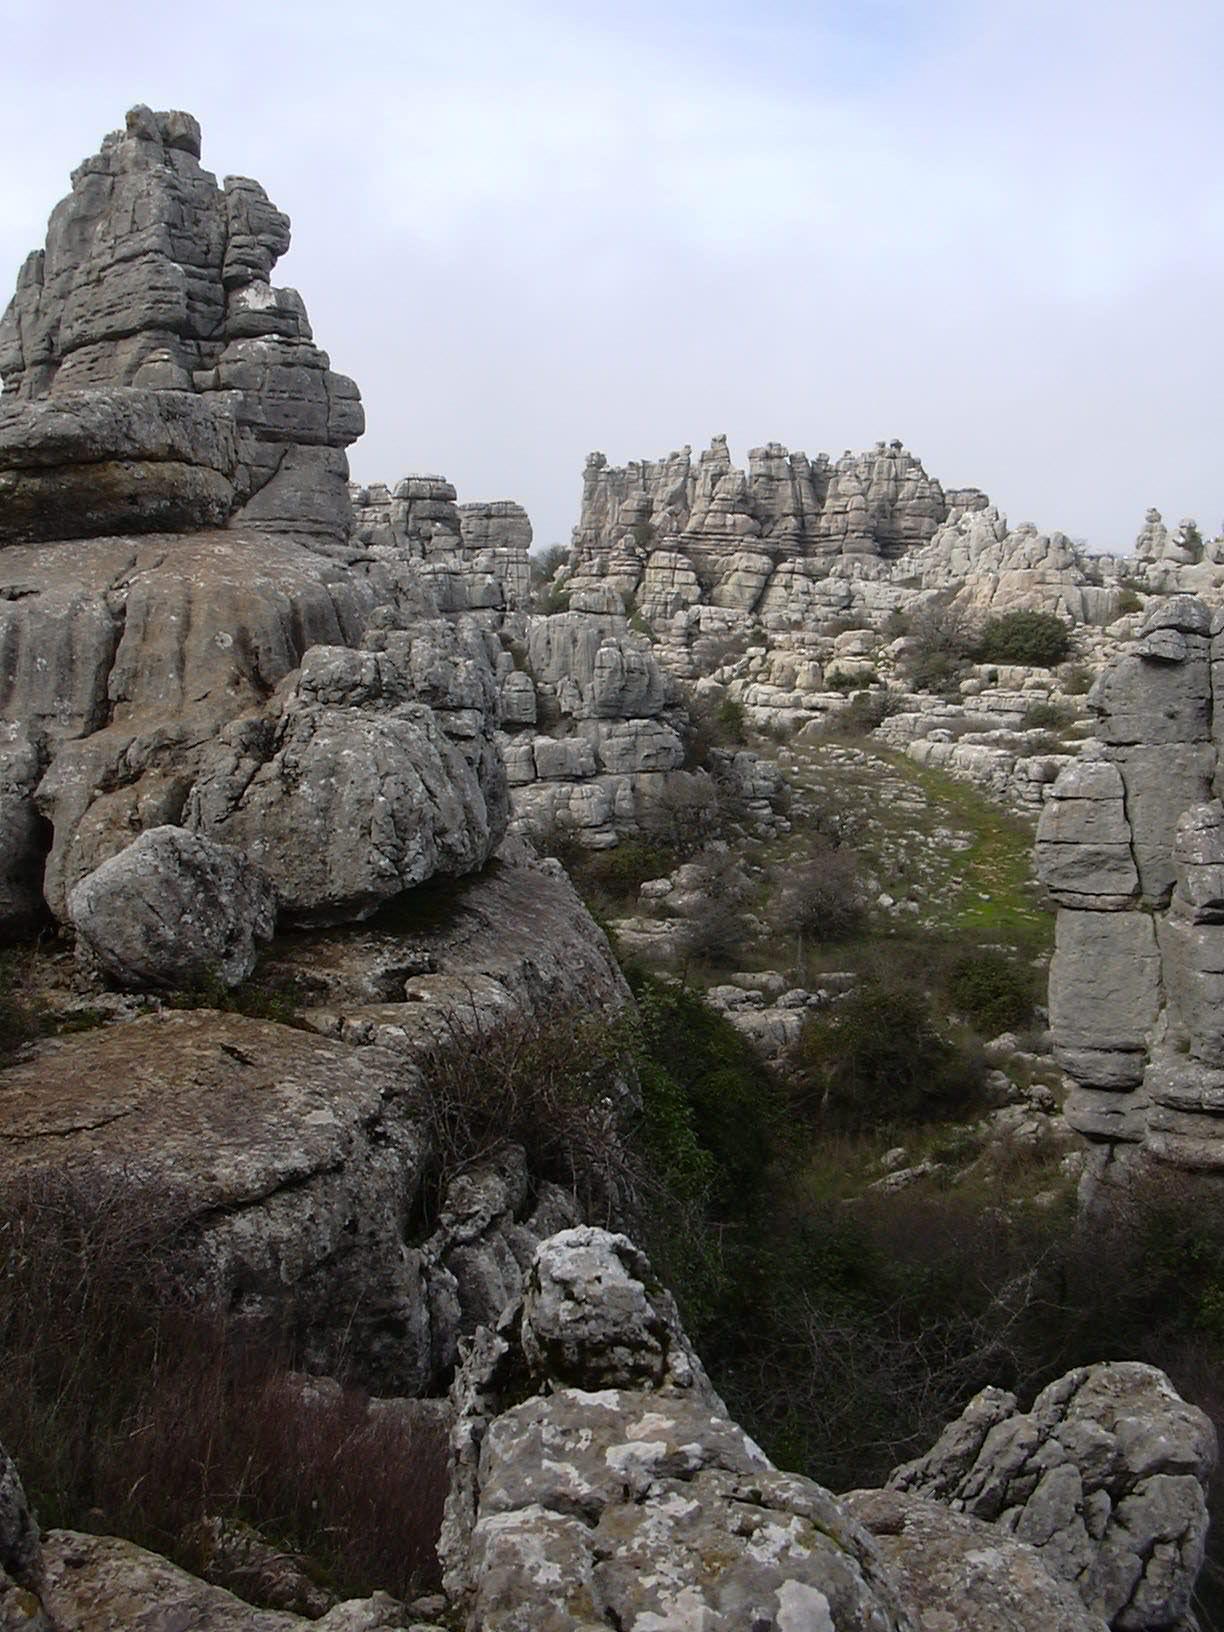 El Torcal rocks overview 11